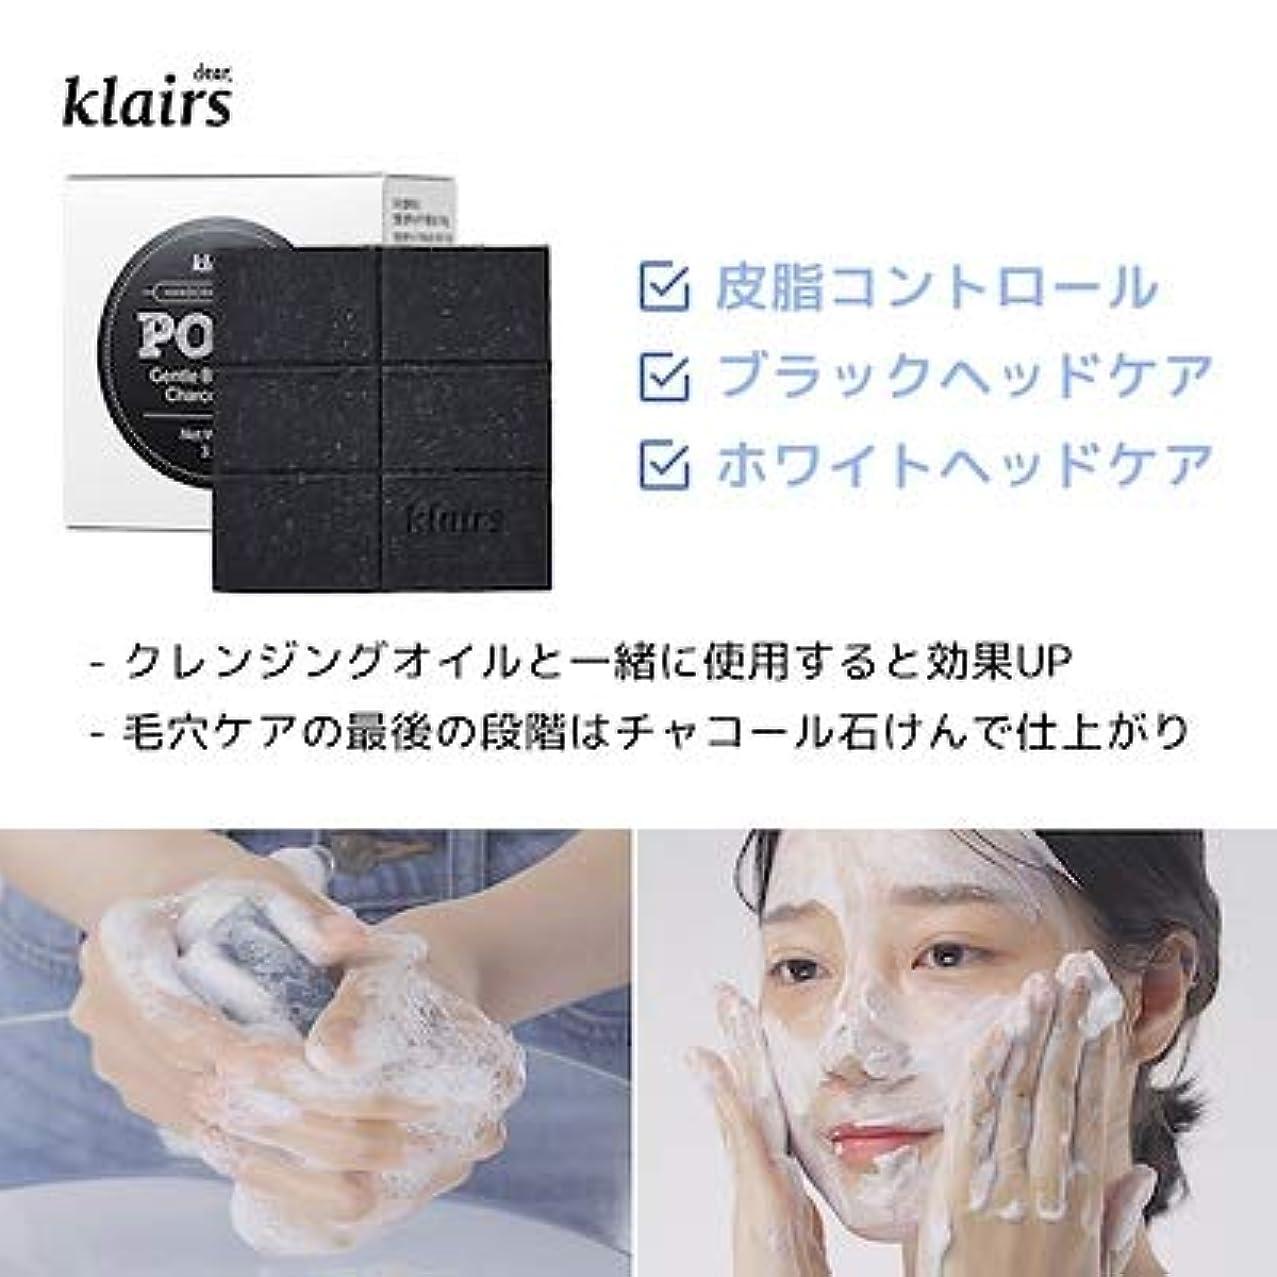 最終動機付ける辞書KLAIRS(クレアズ) ジェントルブラックシュガーチャコール石けん, Gentle Black Sugar Charcol Soap 120g [並行輸入品]